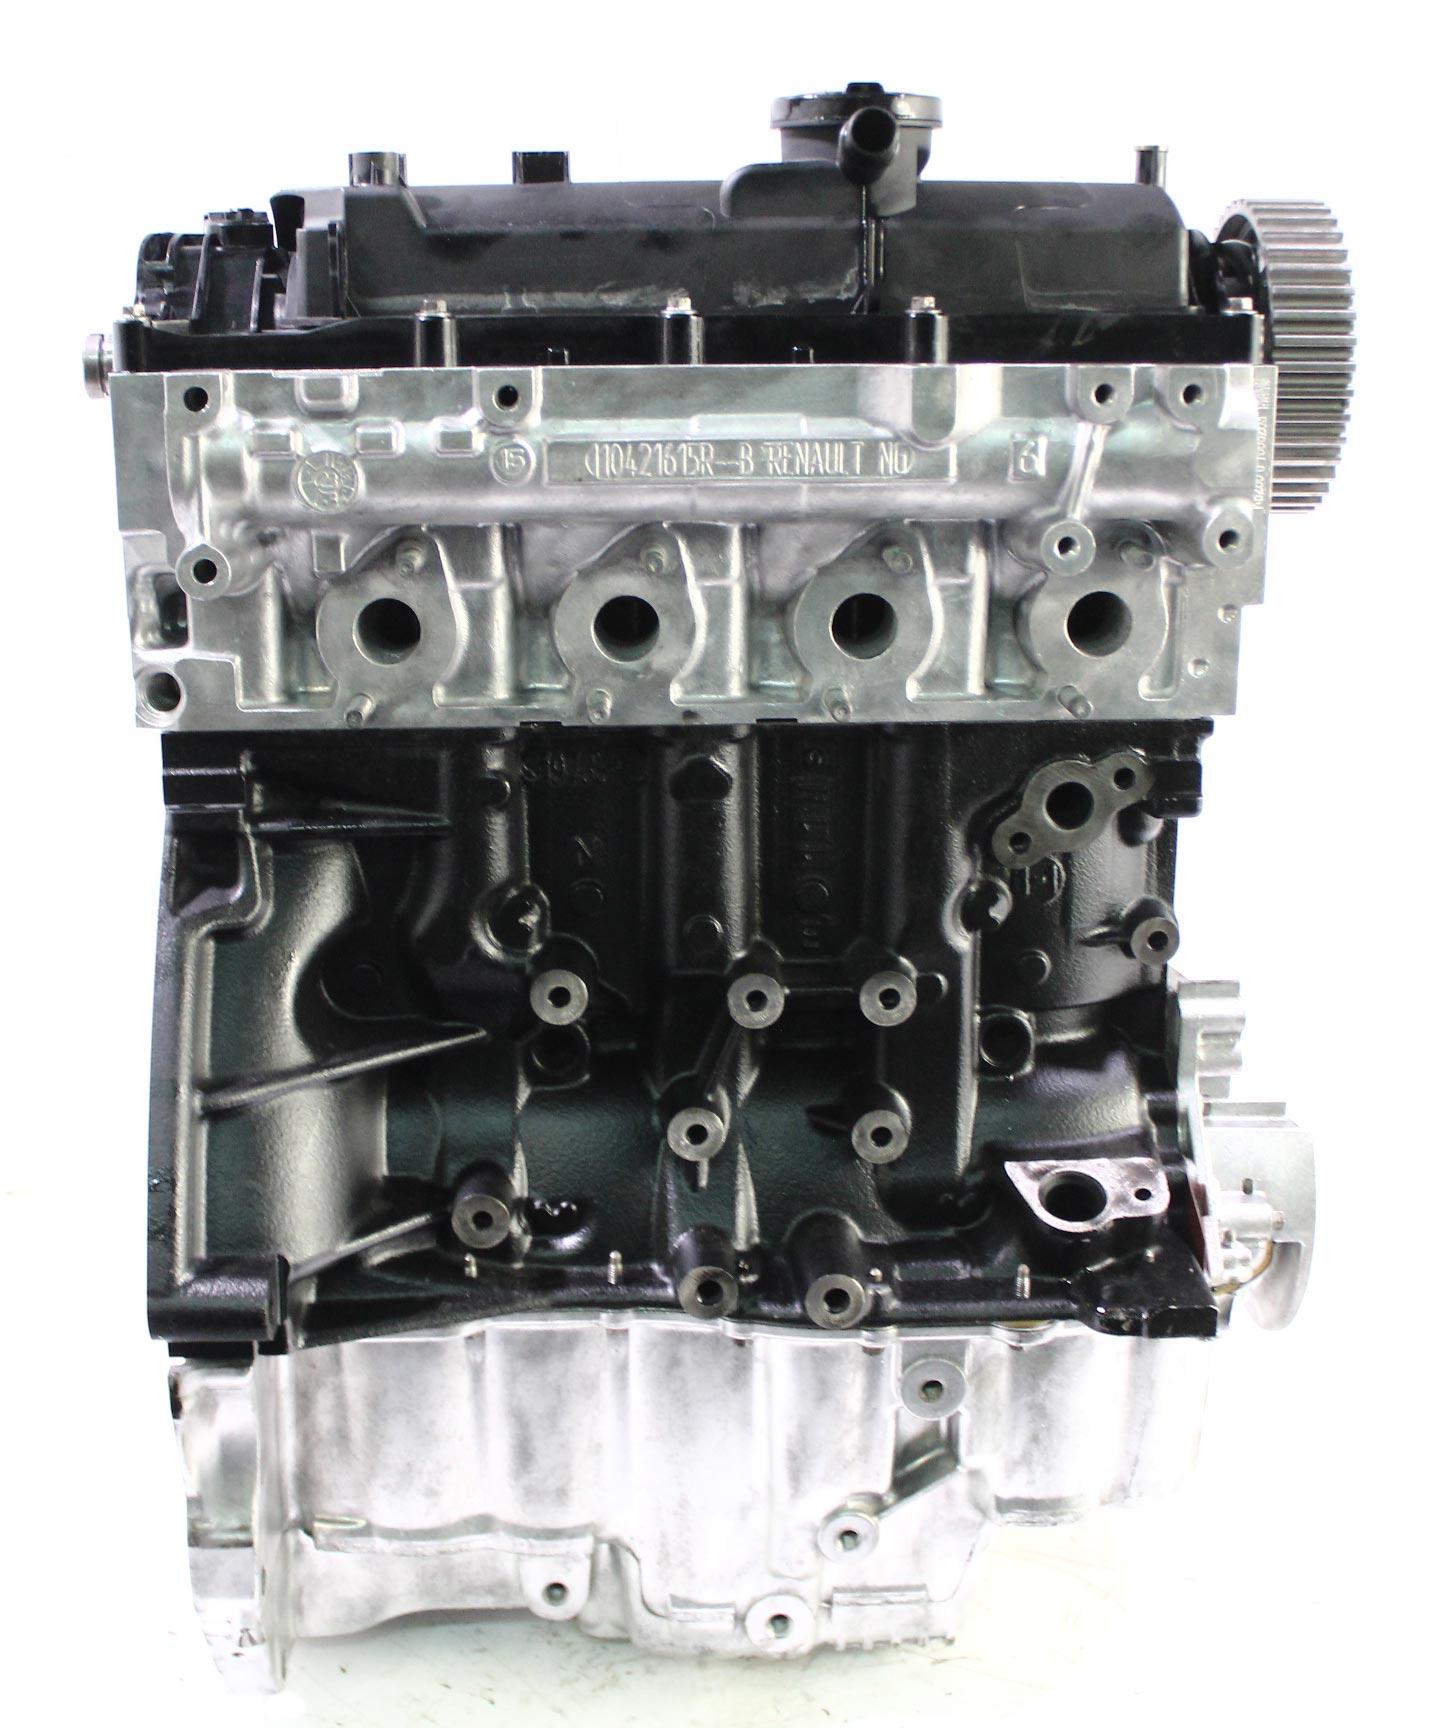 Motor 2014 für Nissan Renault Clio 1,5 dCi K9K K9K628 Pleuellager Dichtung NEU